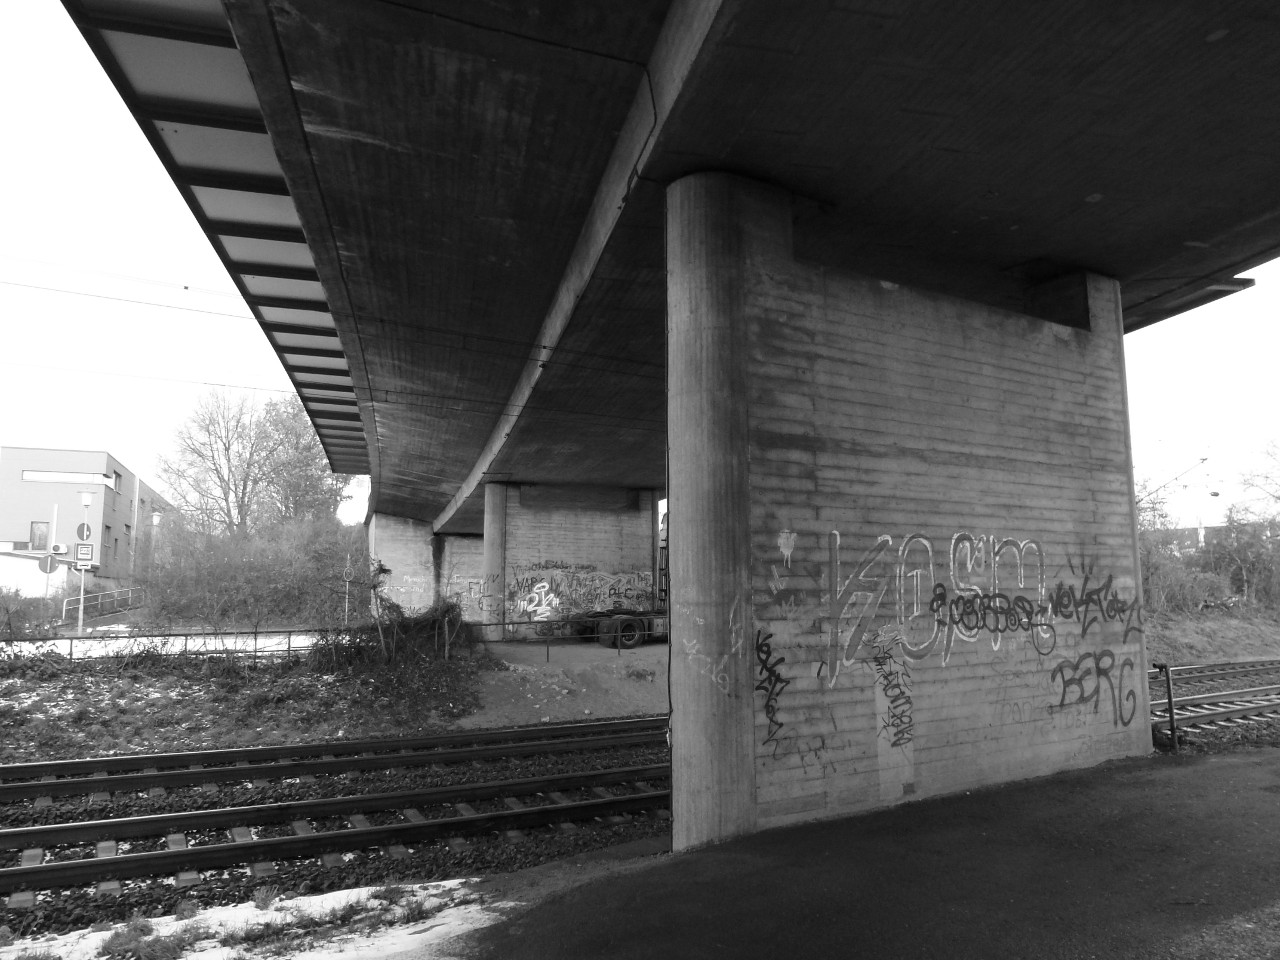 B 8, Instandsetzung der Unterführung der DB bei Bischofsheim